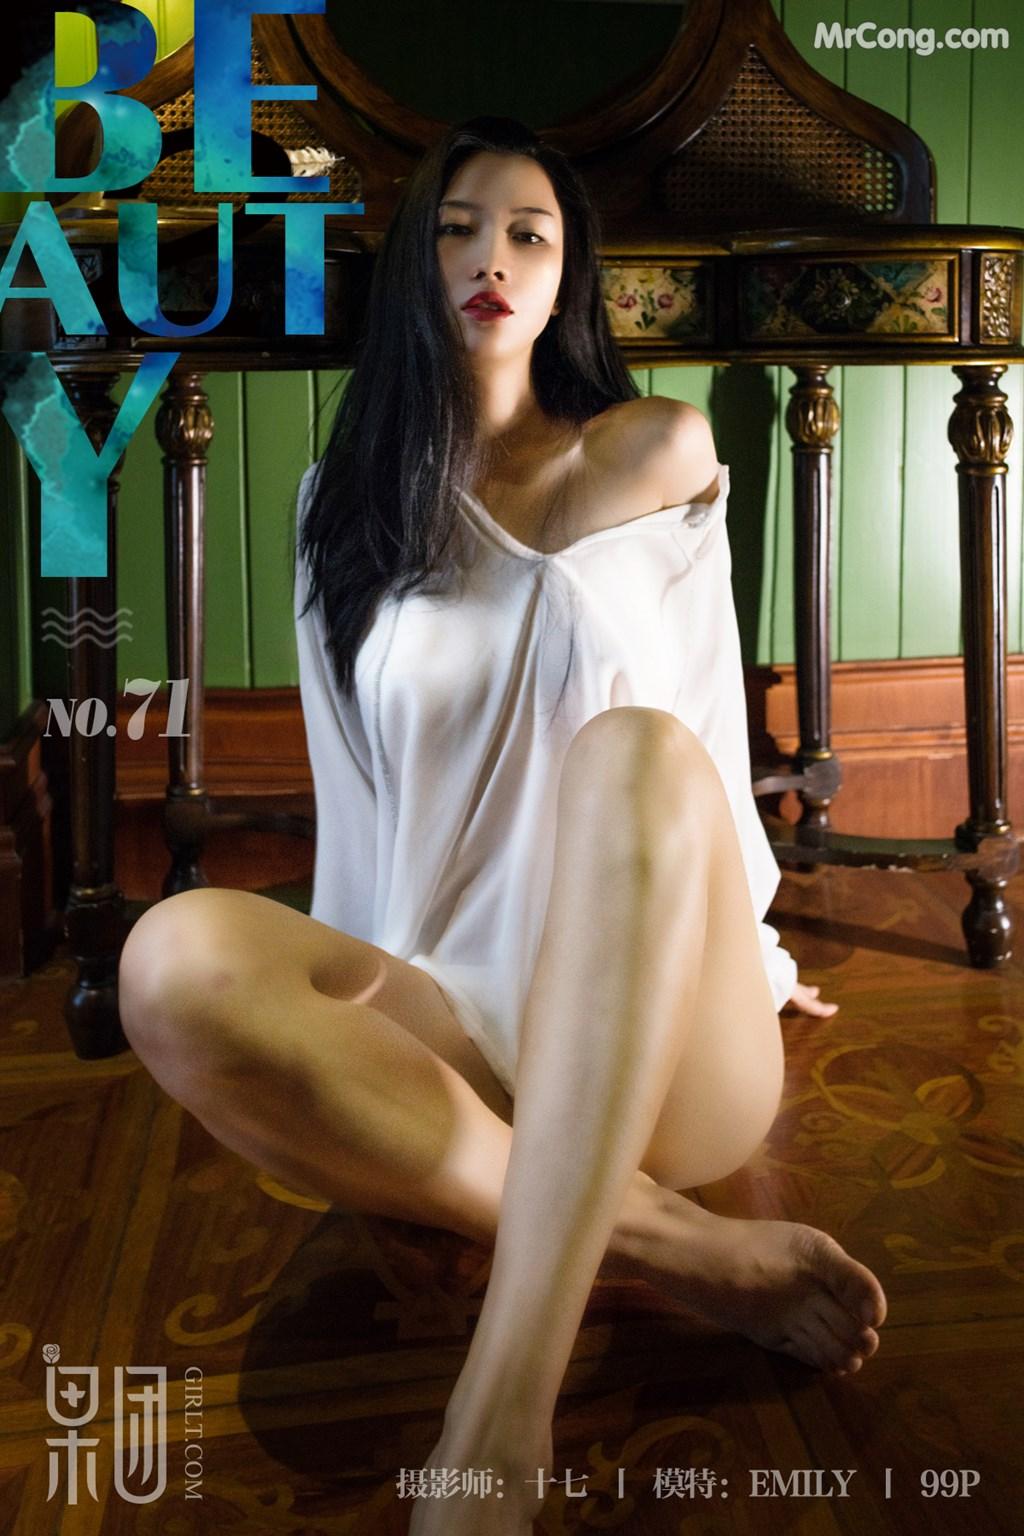 Image GIRLT-No.071-EMILY-MrCong.com-054 in post GIRLT No.071: Người mẫu EMILY (54 ảnh)